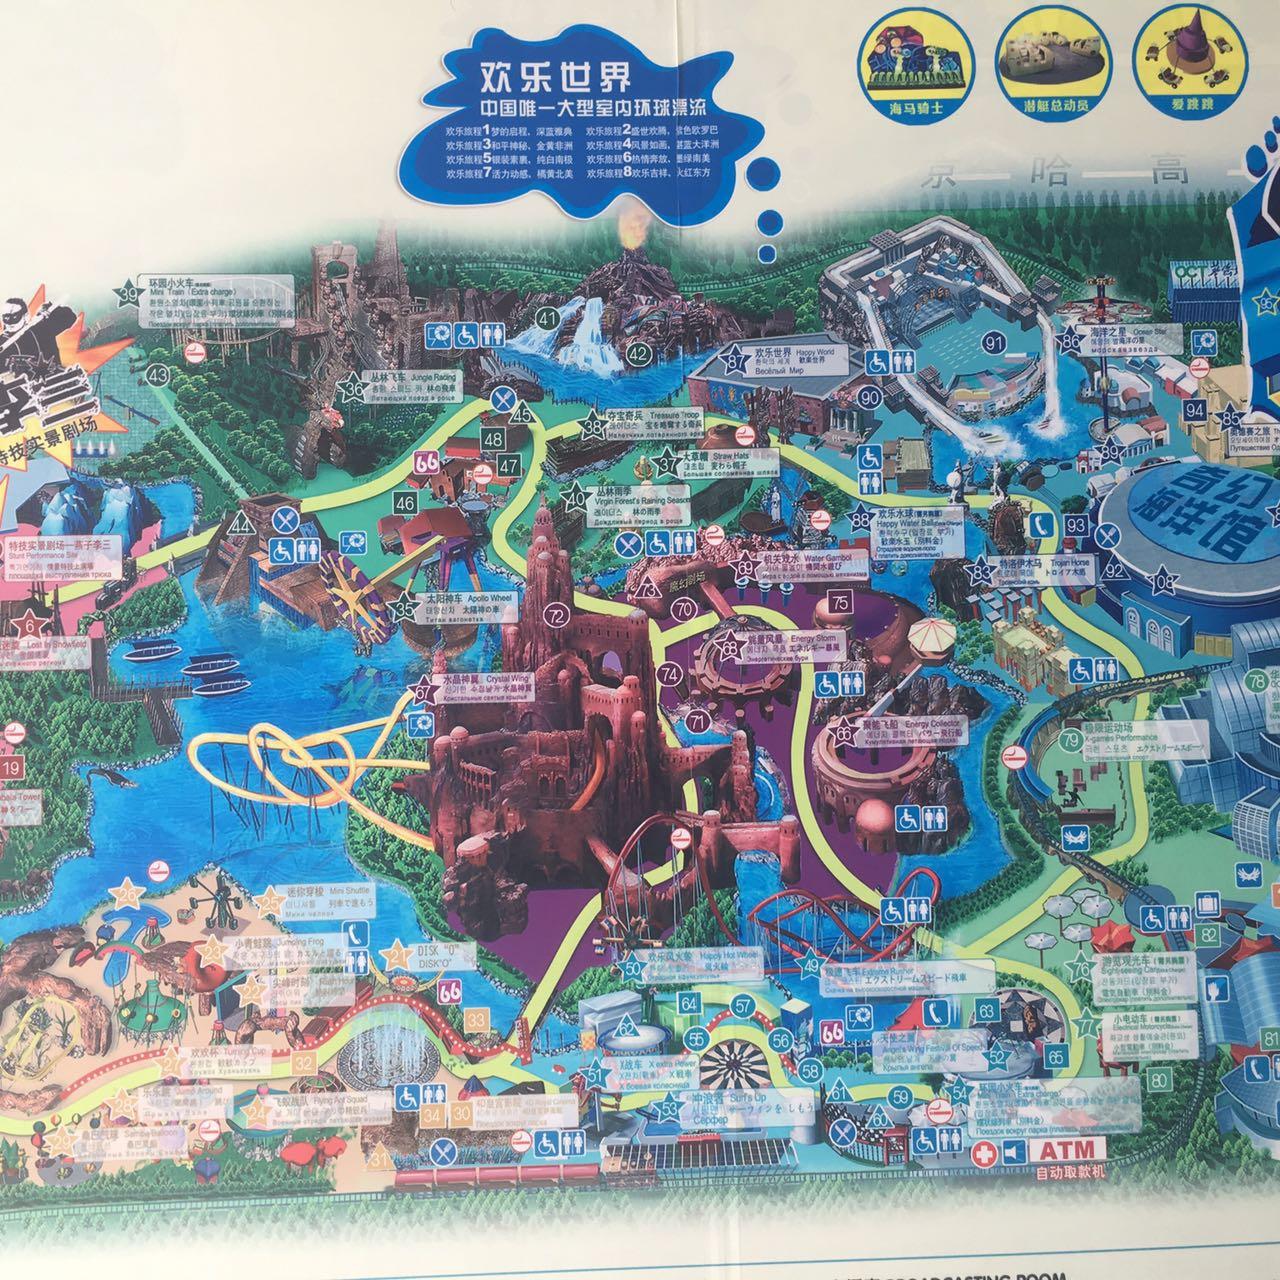 北京欢乐谷   尊贵型 日场-狂欢节双人半价特惠票【仅限6月24-26日